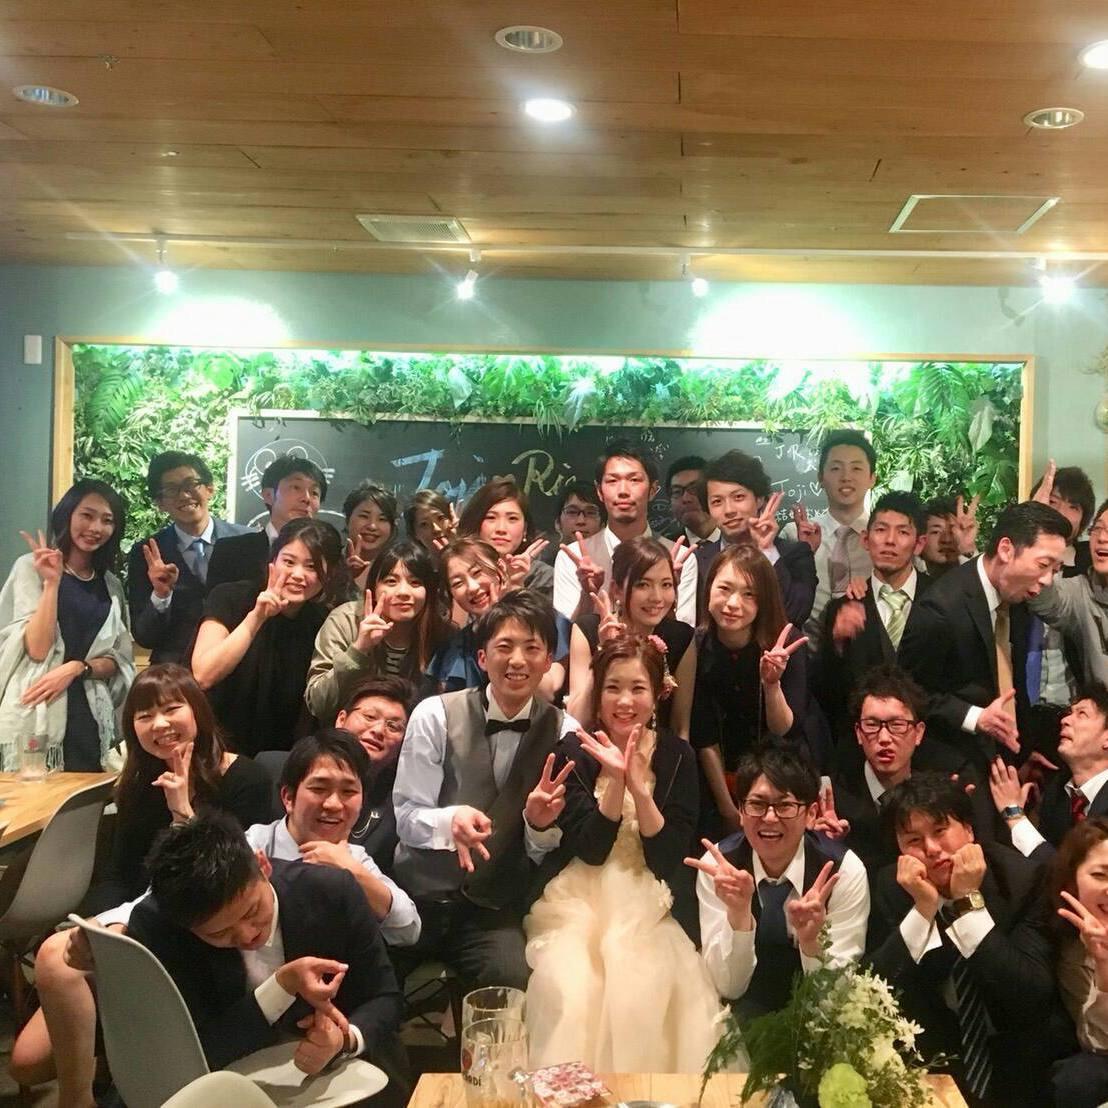 結婚式2次会プラン3時間飲み放題付き☆4,200円(税込)